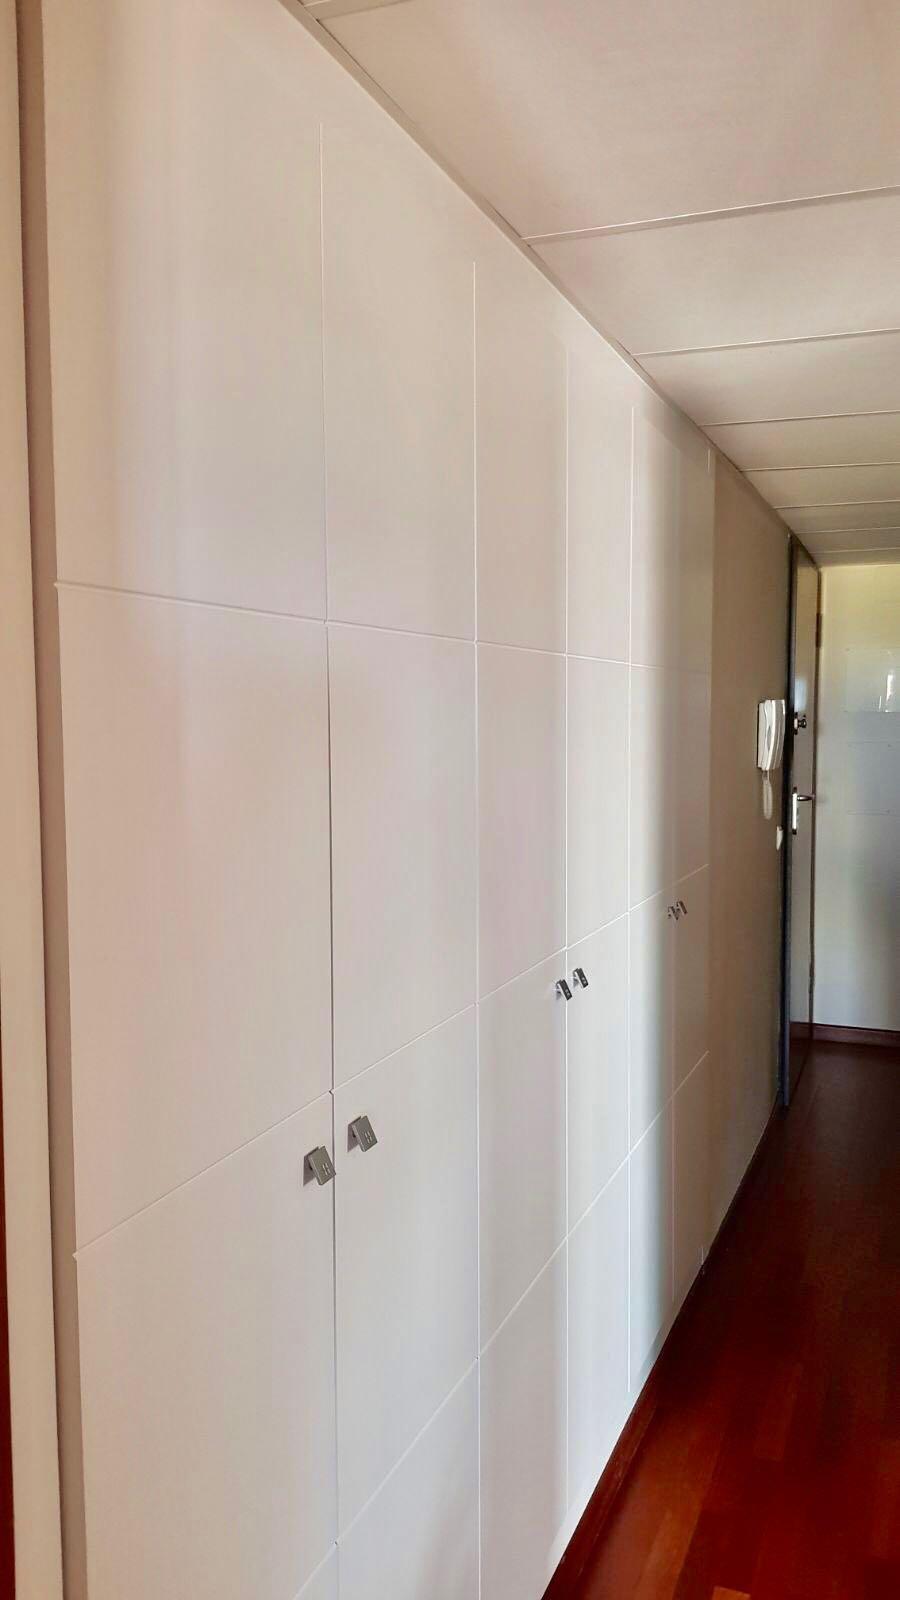 Armario Empotrado con puertas abatibles en todo el pasillo.